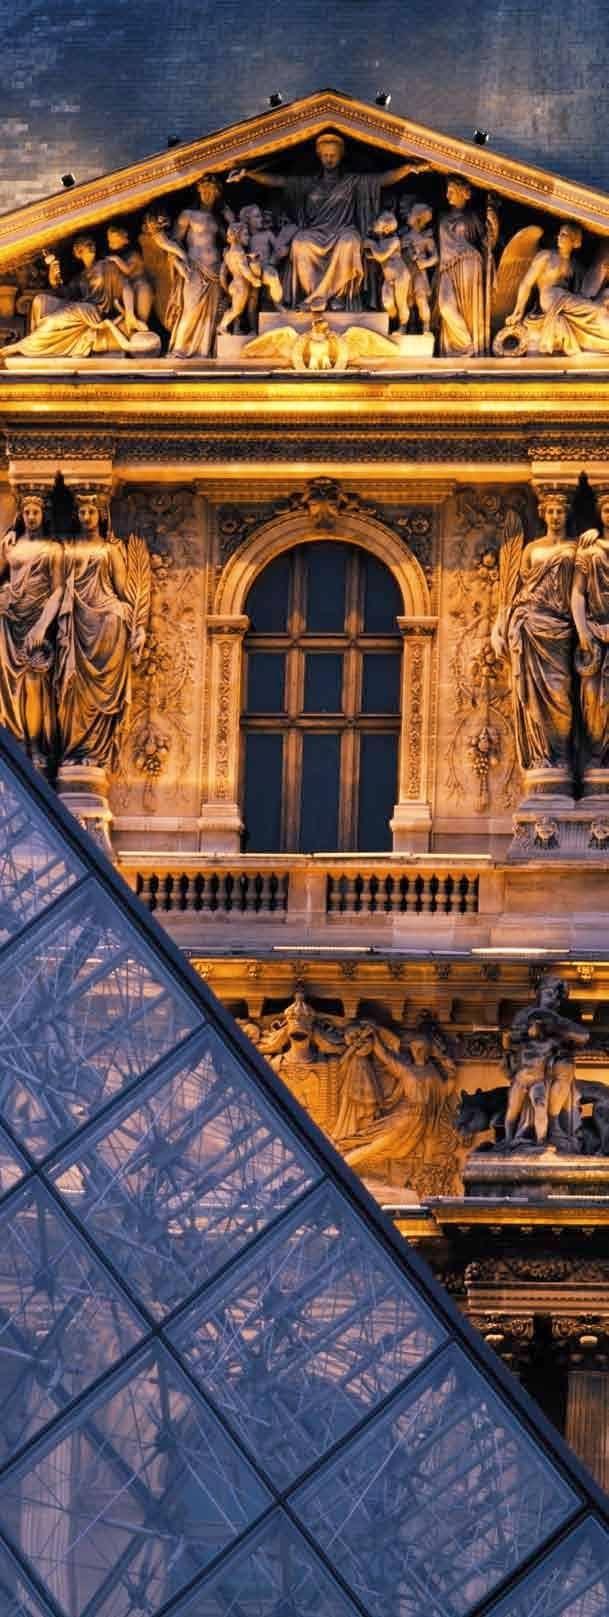 Discover The Nuances Of Paris